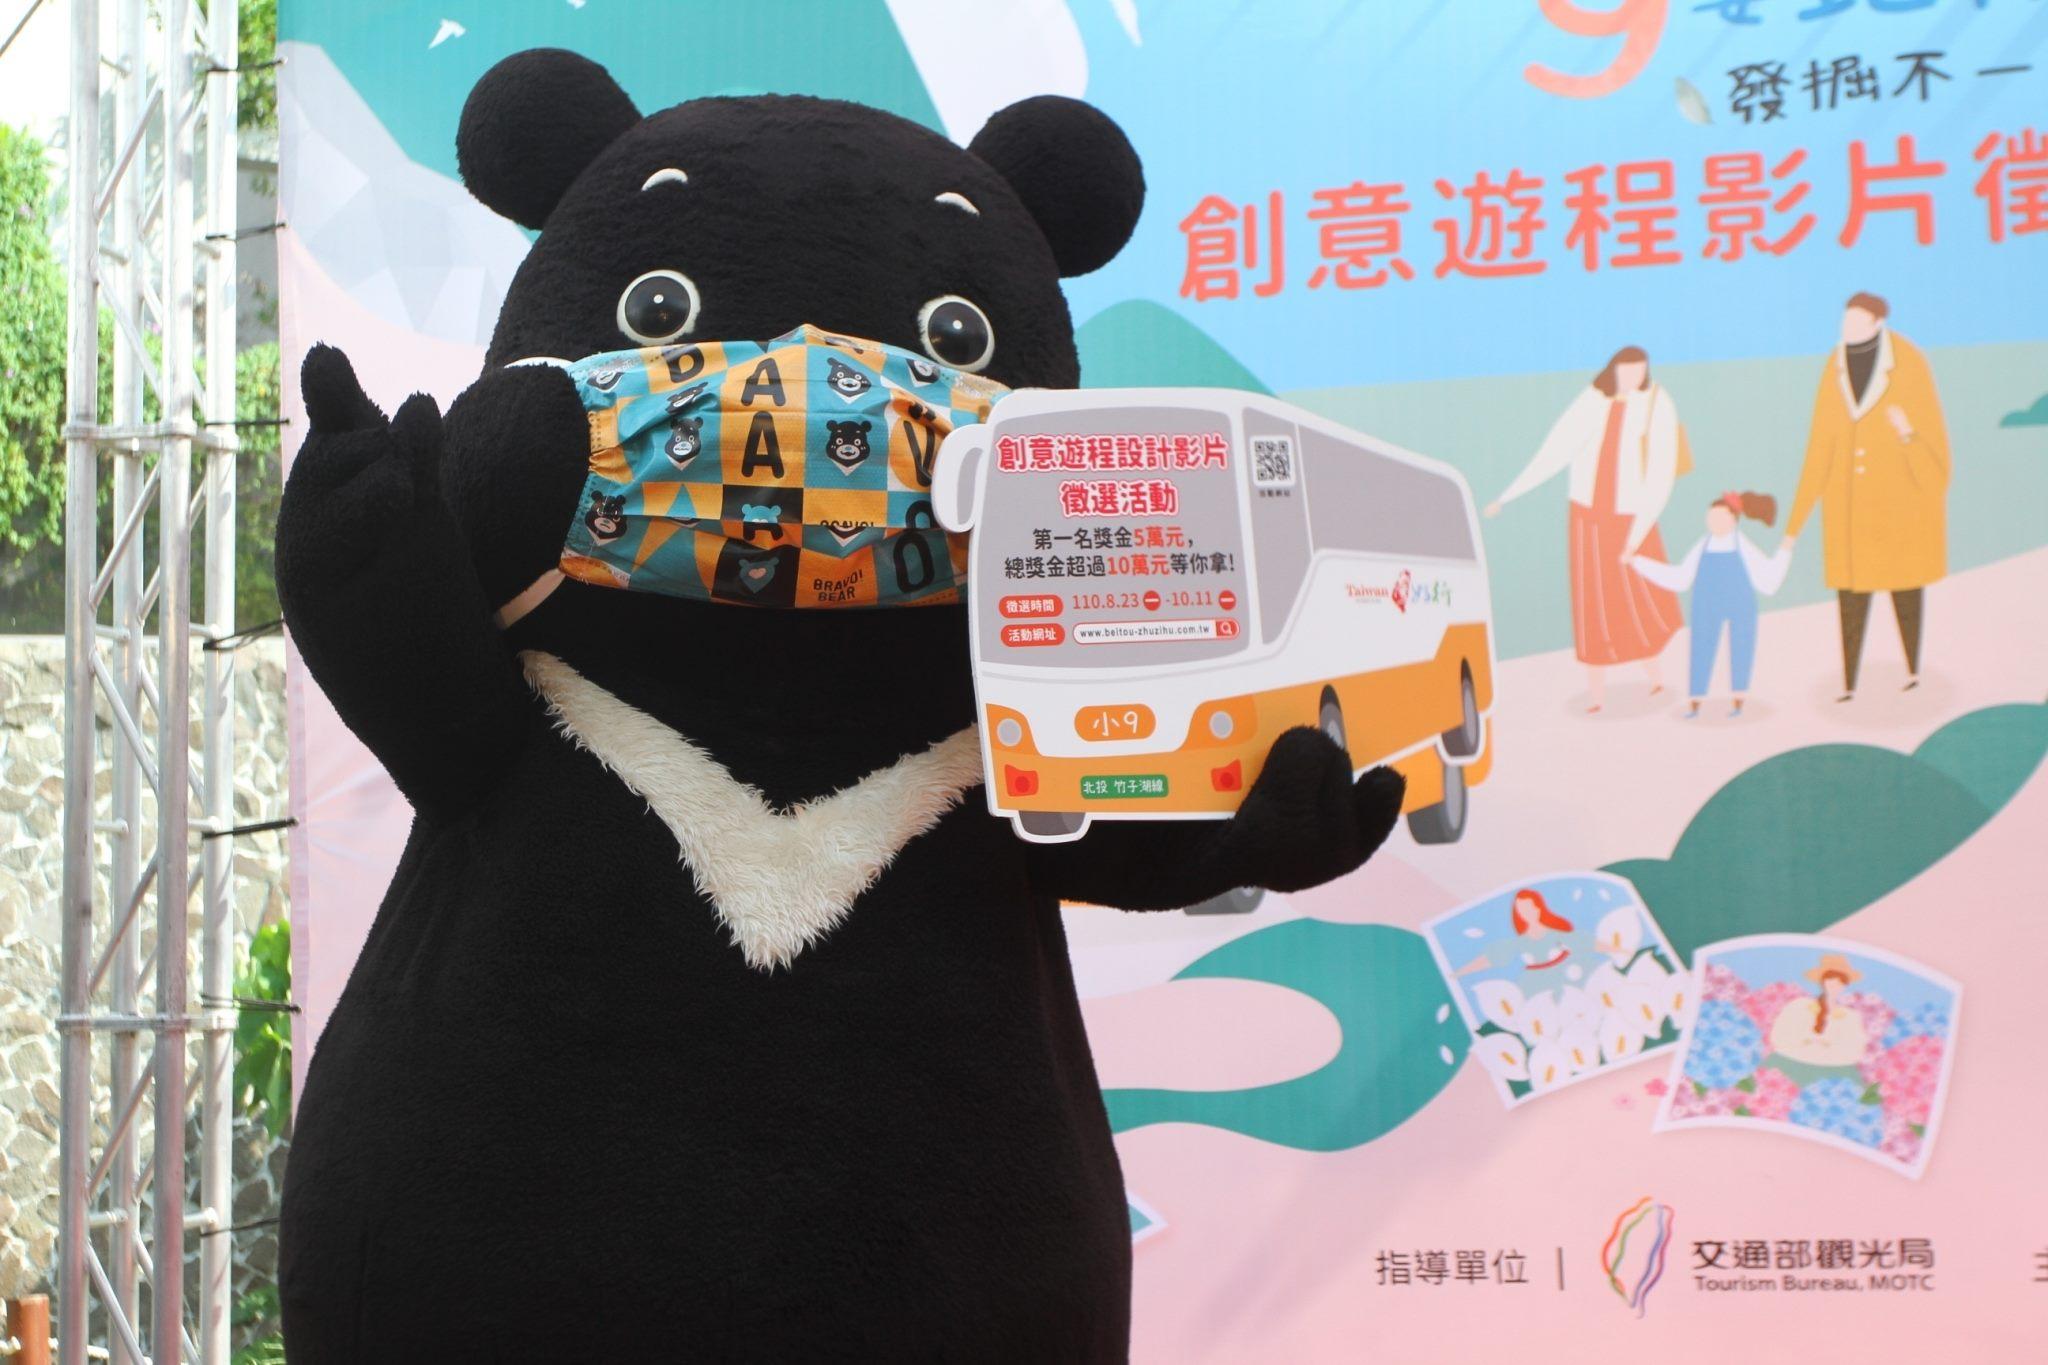 「追竹小幸福 9要北投竹子湖」創意遊程影片徵選活動開跑!總獎金超過10萬元,歡迎民眾踴躍投稿。